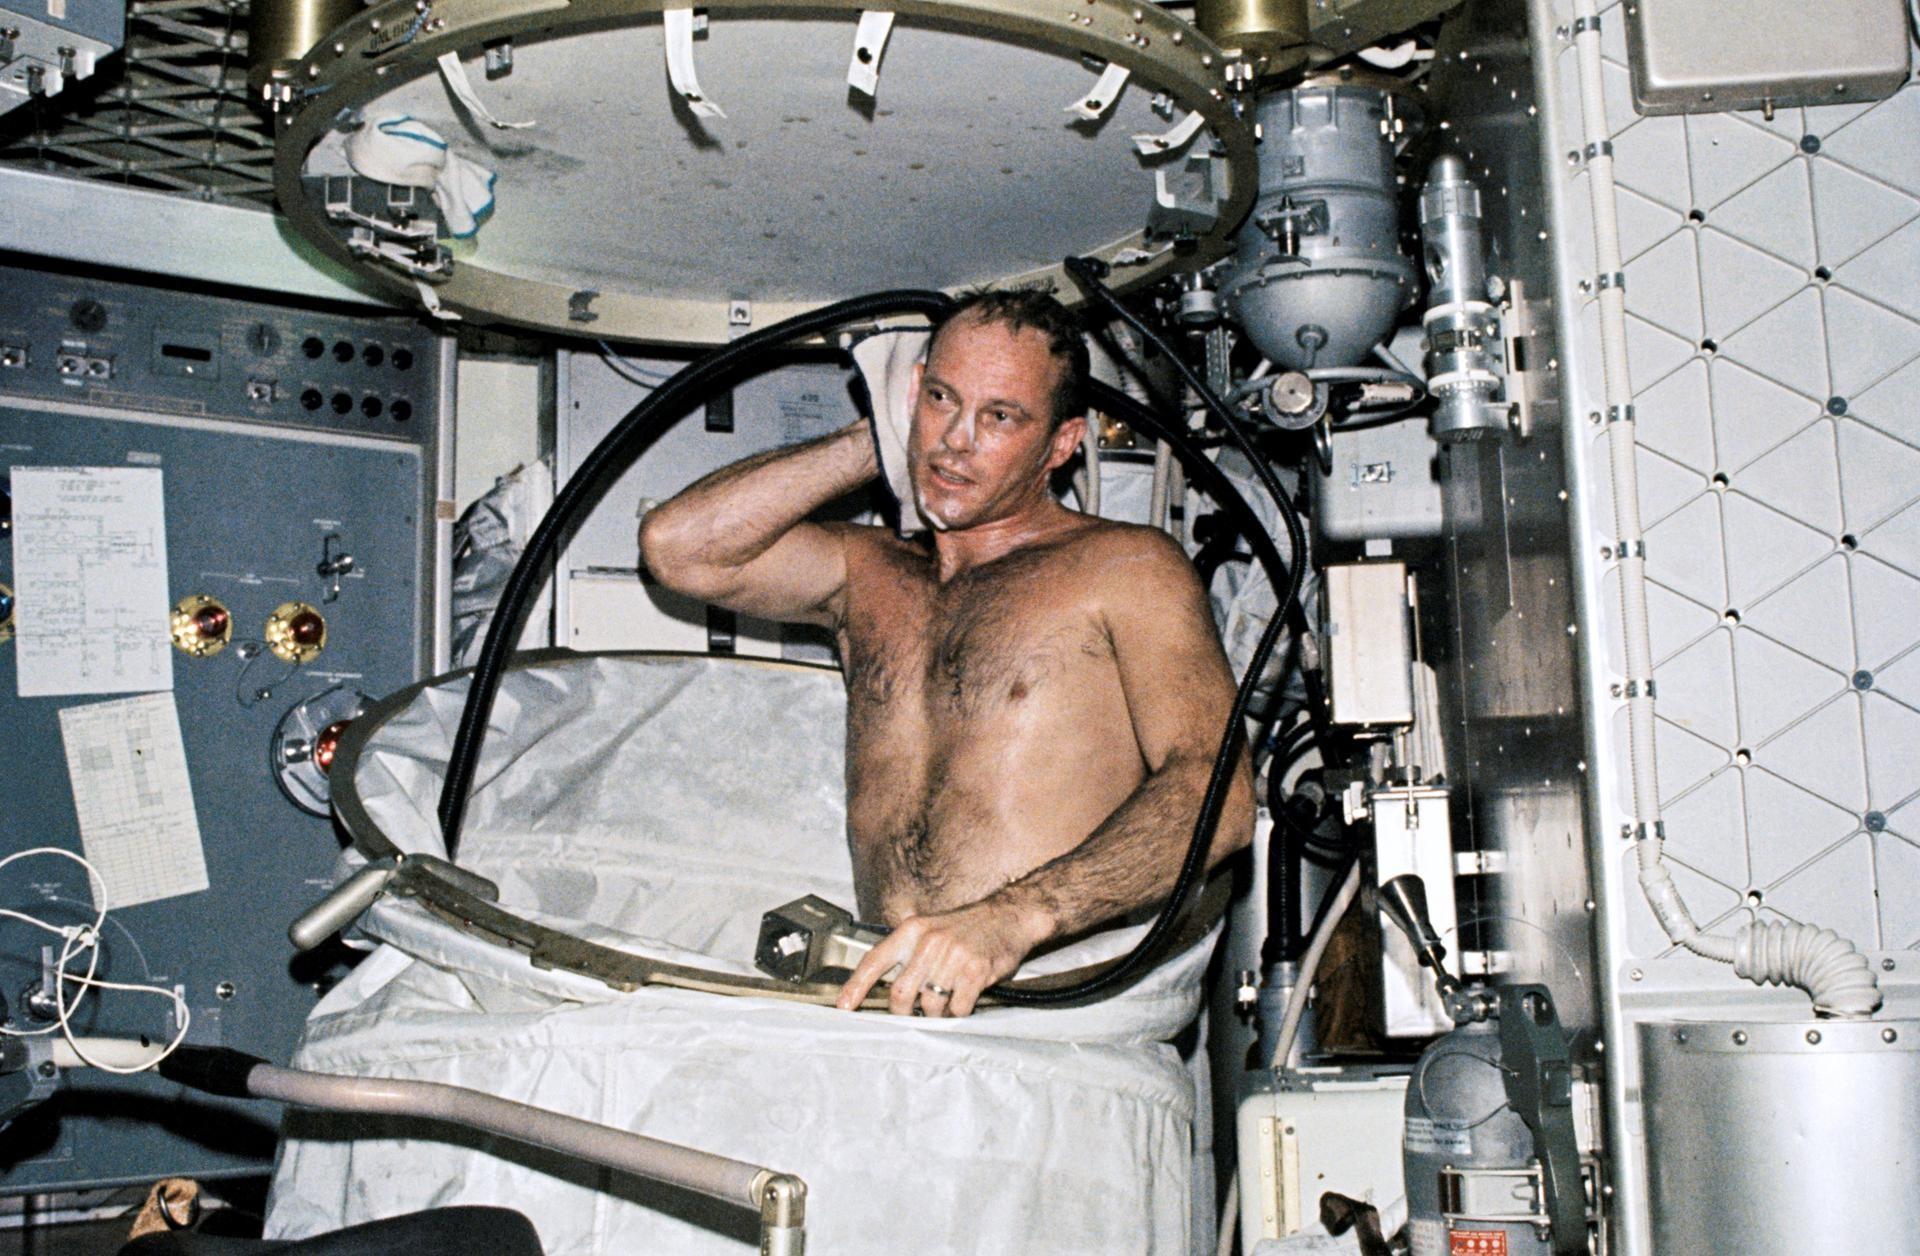 Astronauta  Jack R. Lousma, piloto da Skylab 3, toma banho na Orbital Workshop (OWS) da estação espacial Skylab (Foto: NASA)